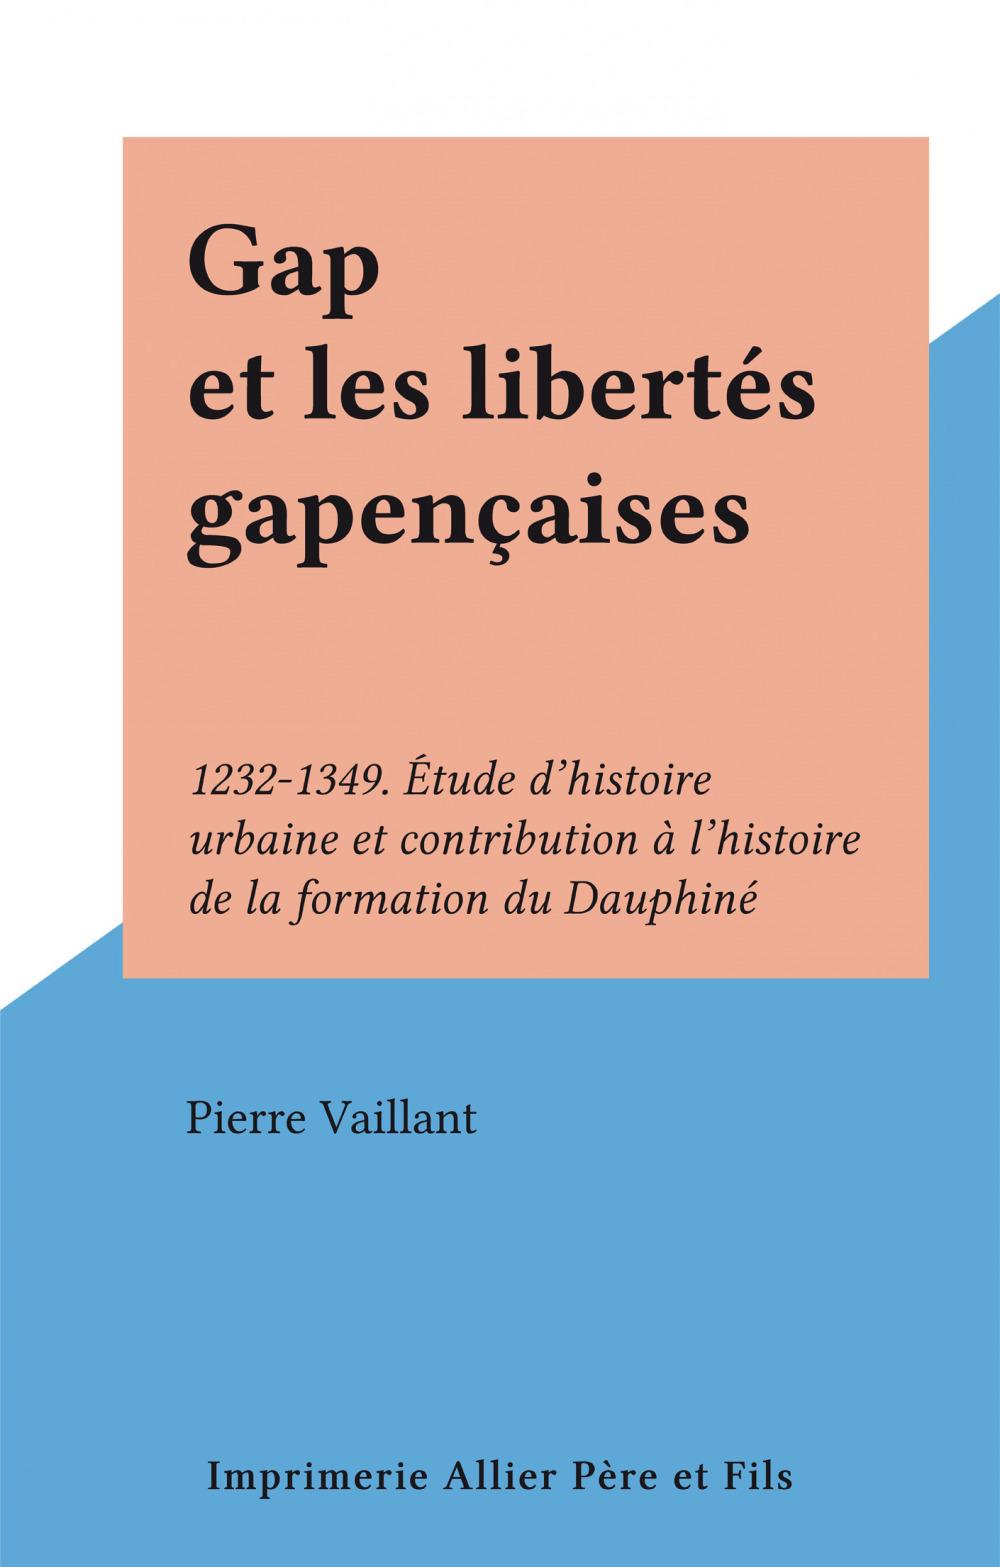 Gap et les libertés gapençaises